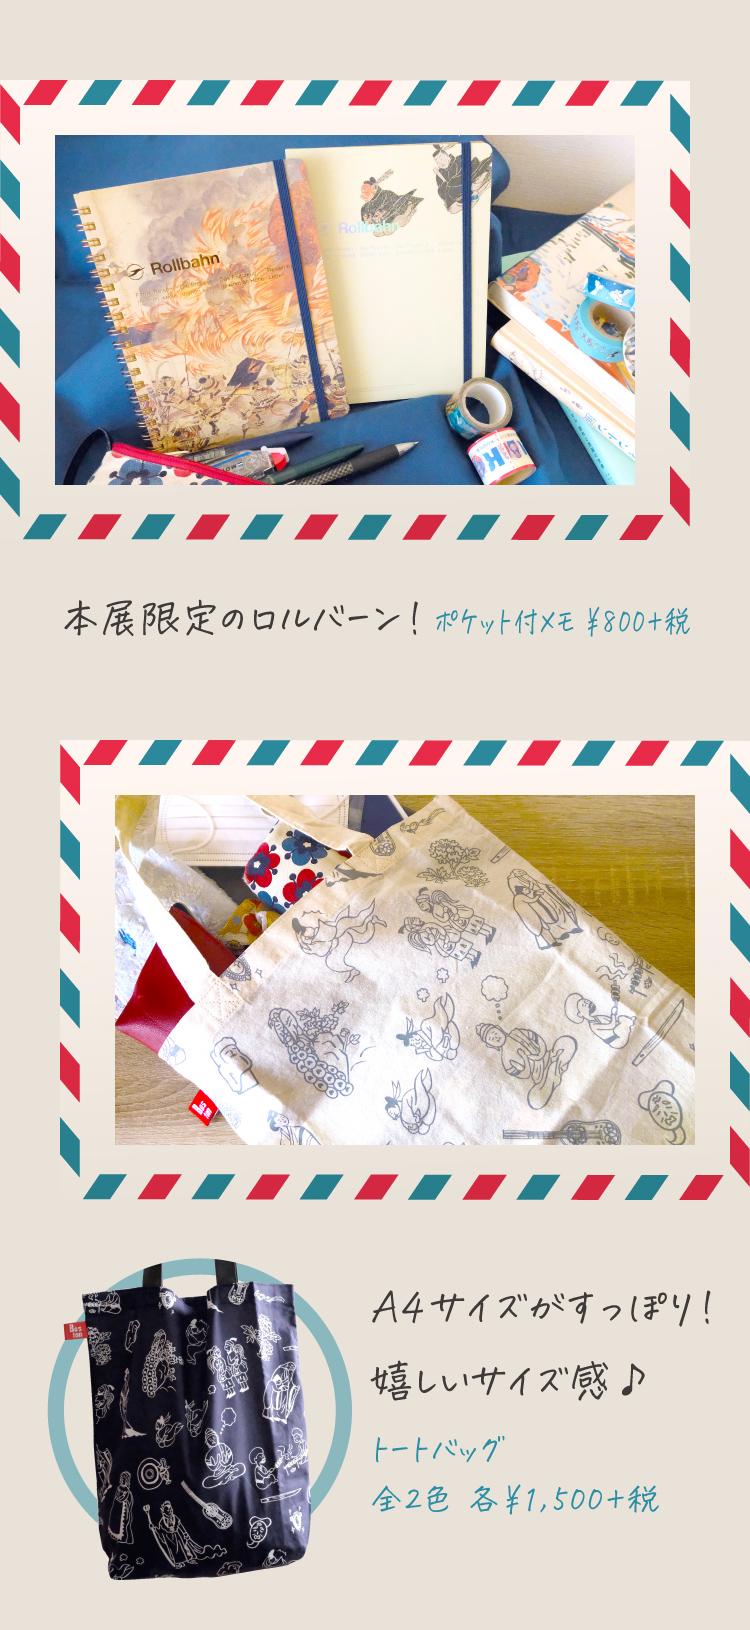 ボストン美術館展 芸術×力/公式グッズ紹介